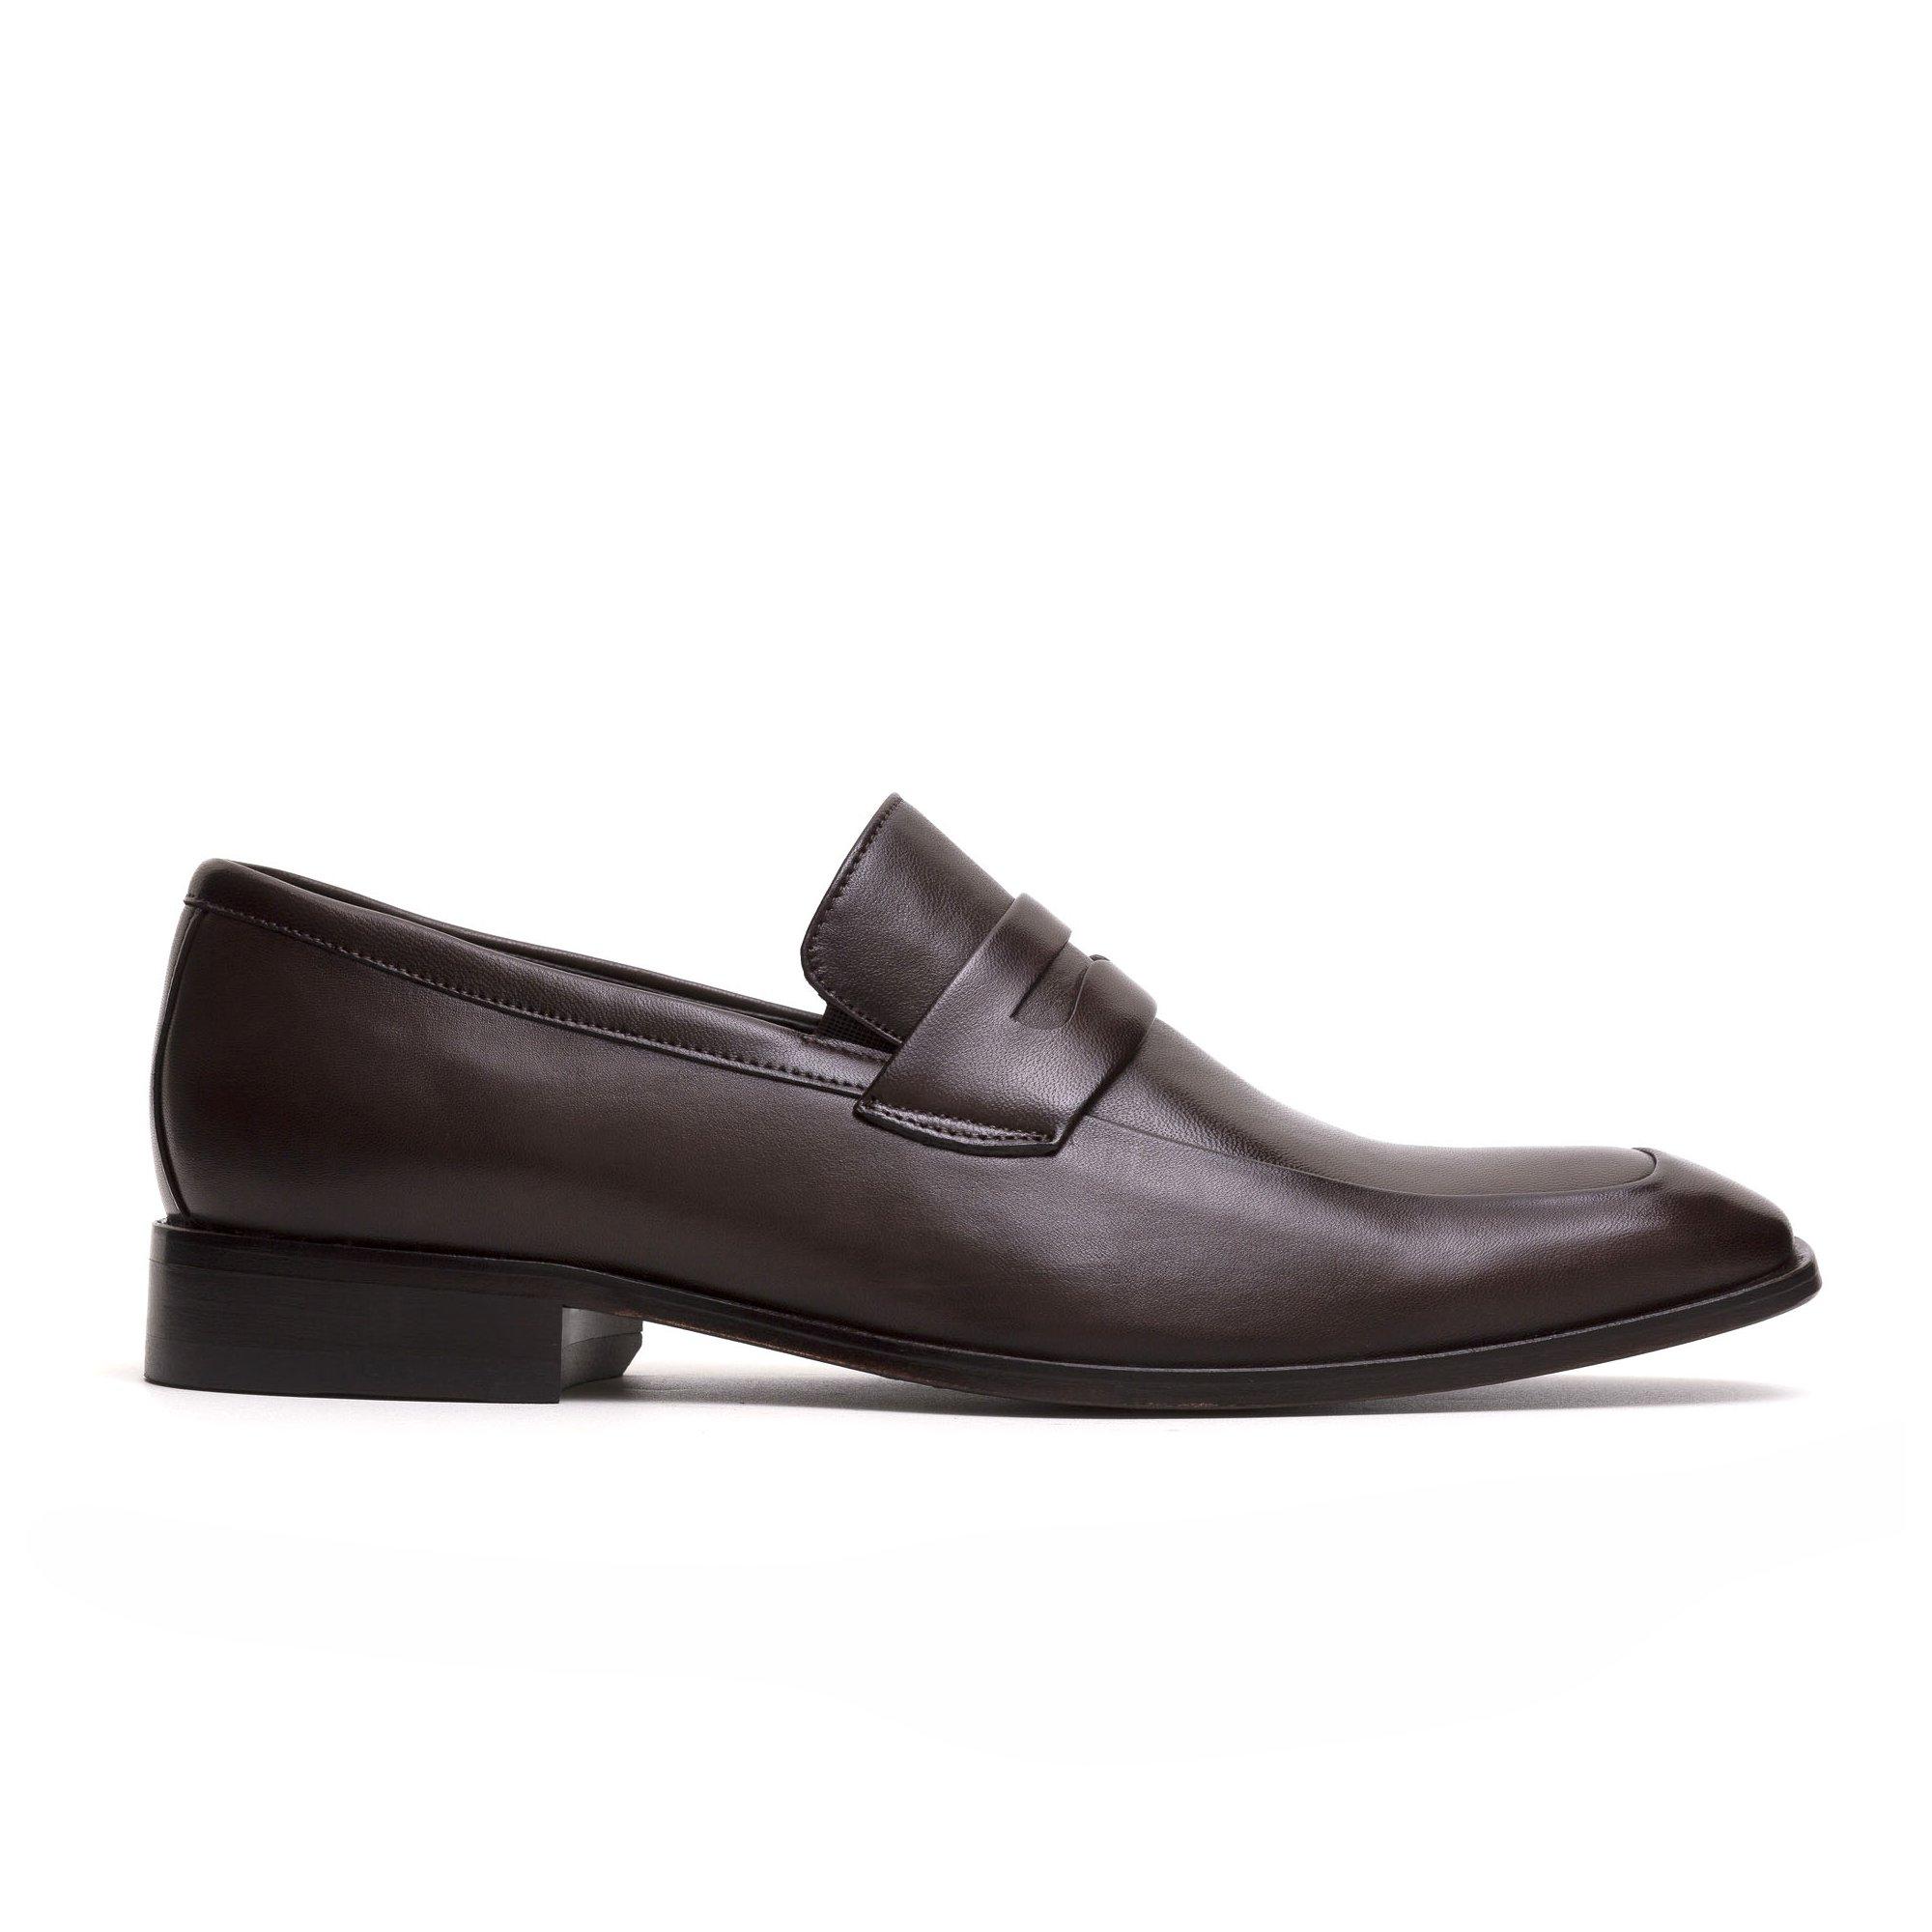 Sapato Masculino Loafer Rossi Café